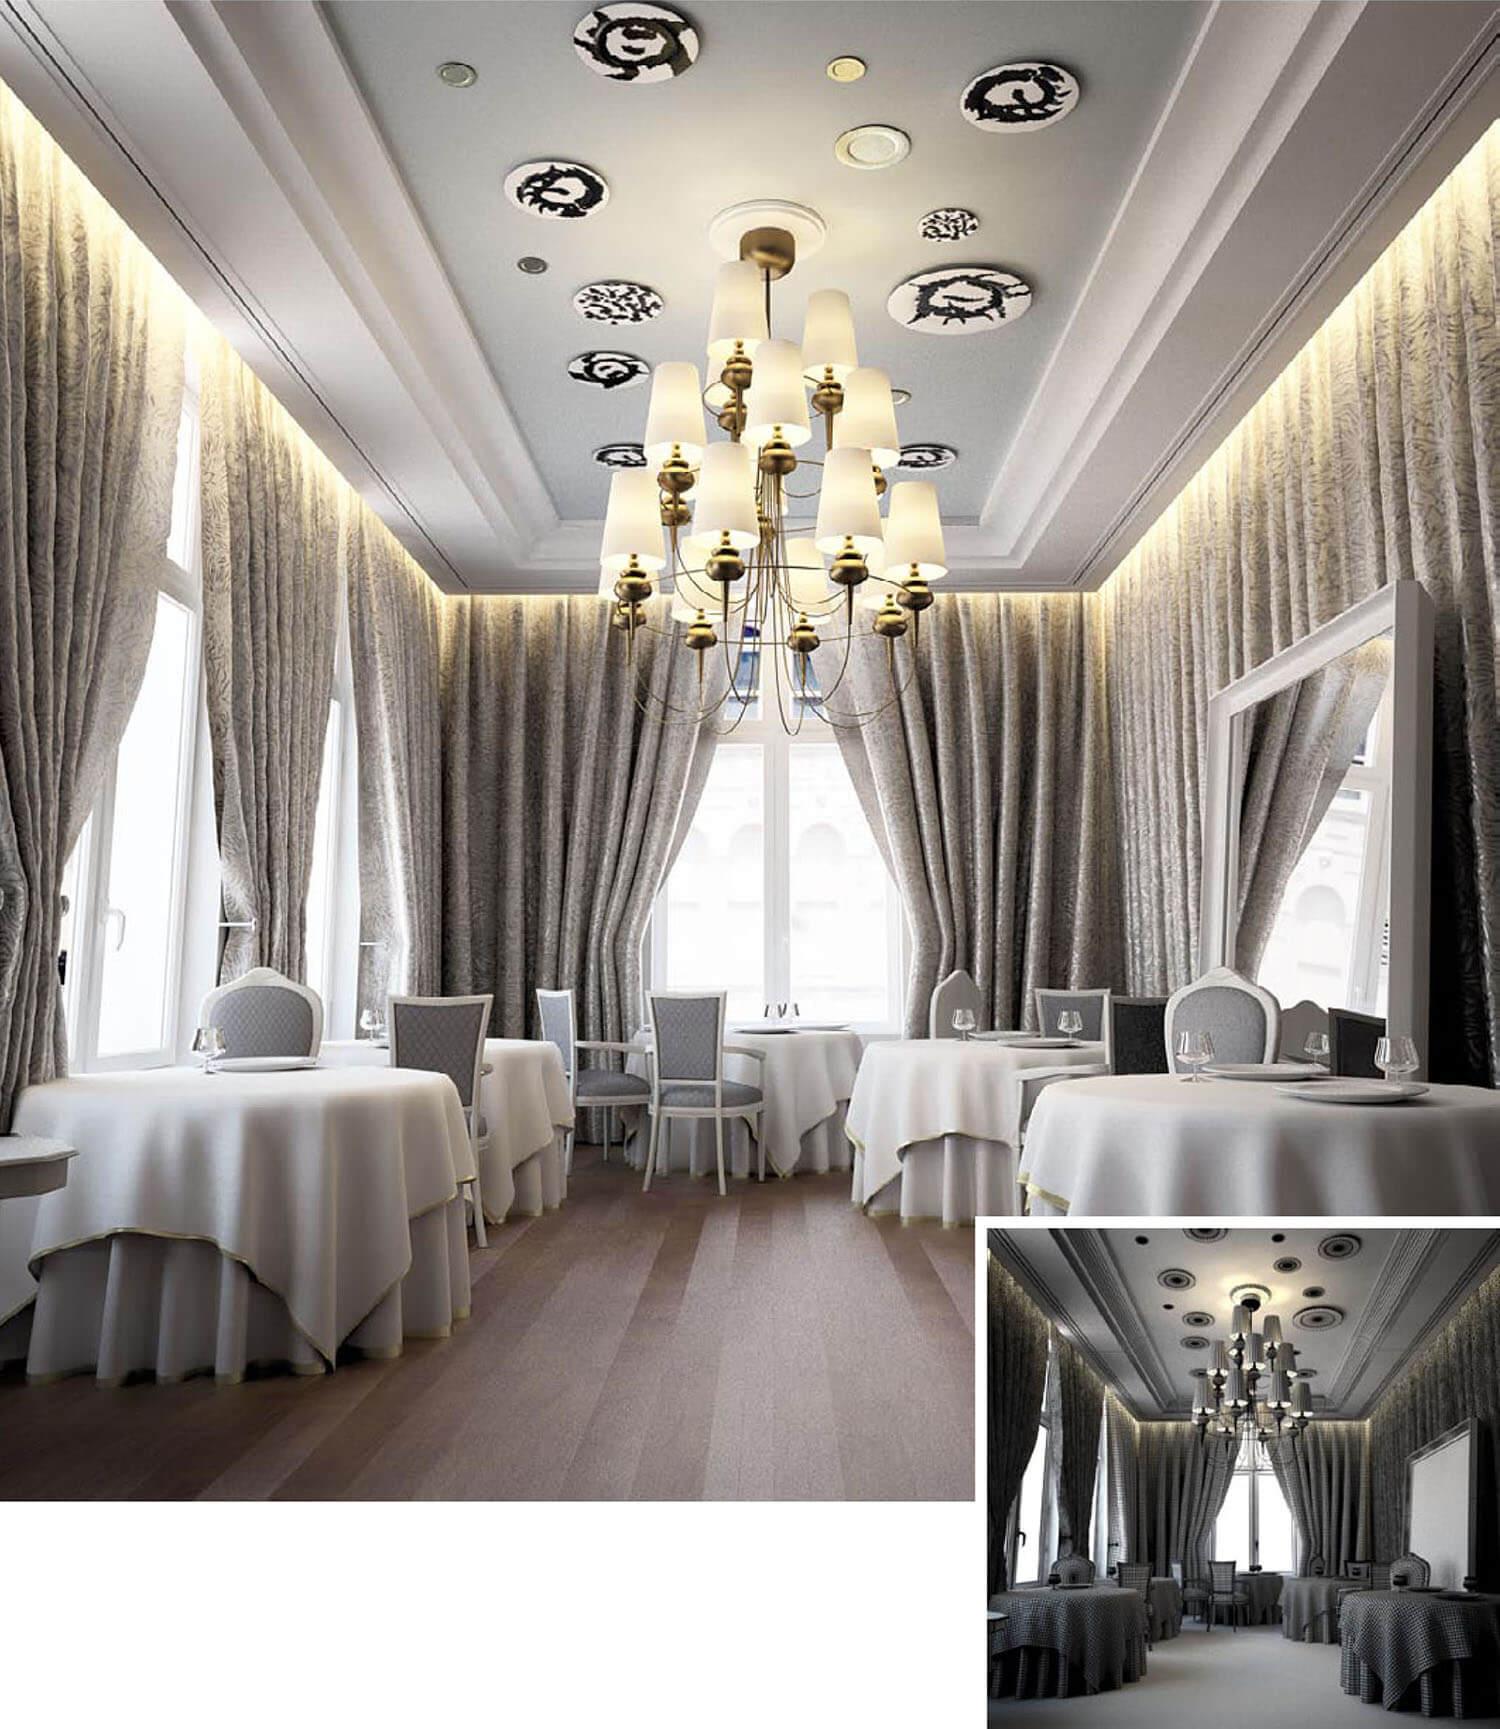 Nhà hàng với nội thất được thiết kế với trần thạch cao trang trí cùng rèm rủ